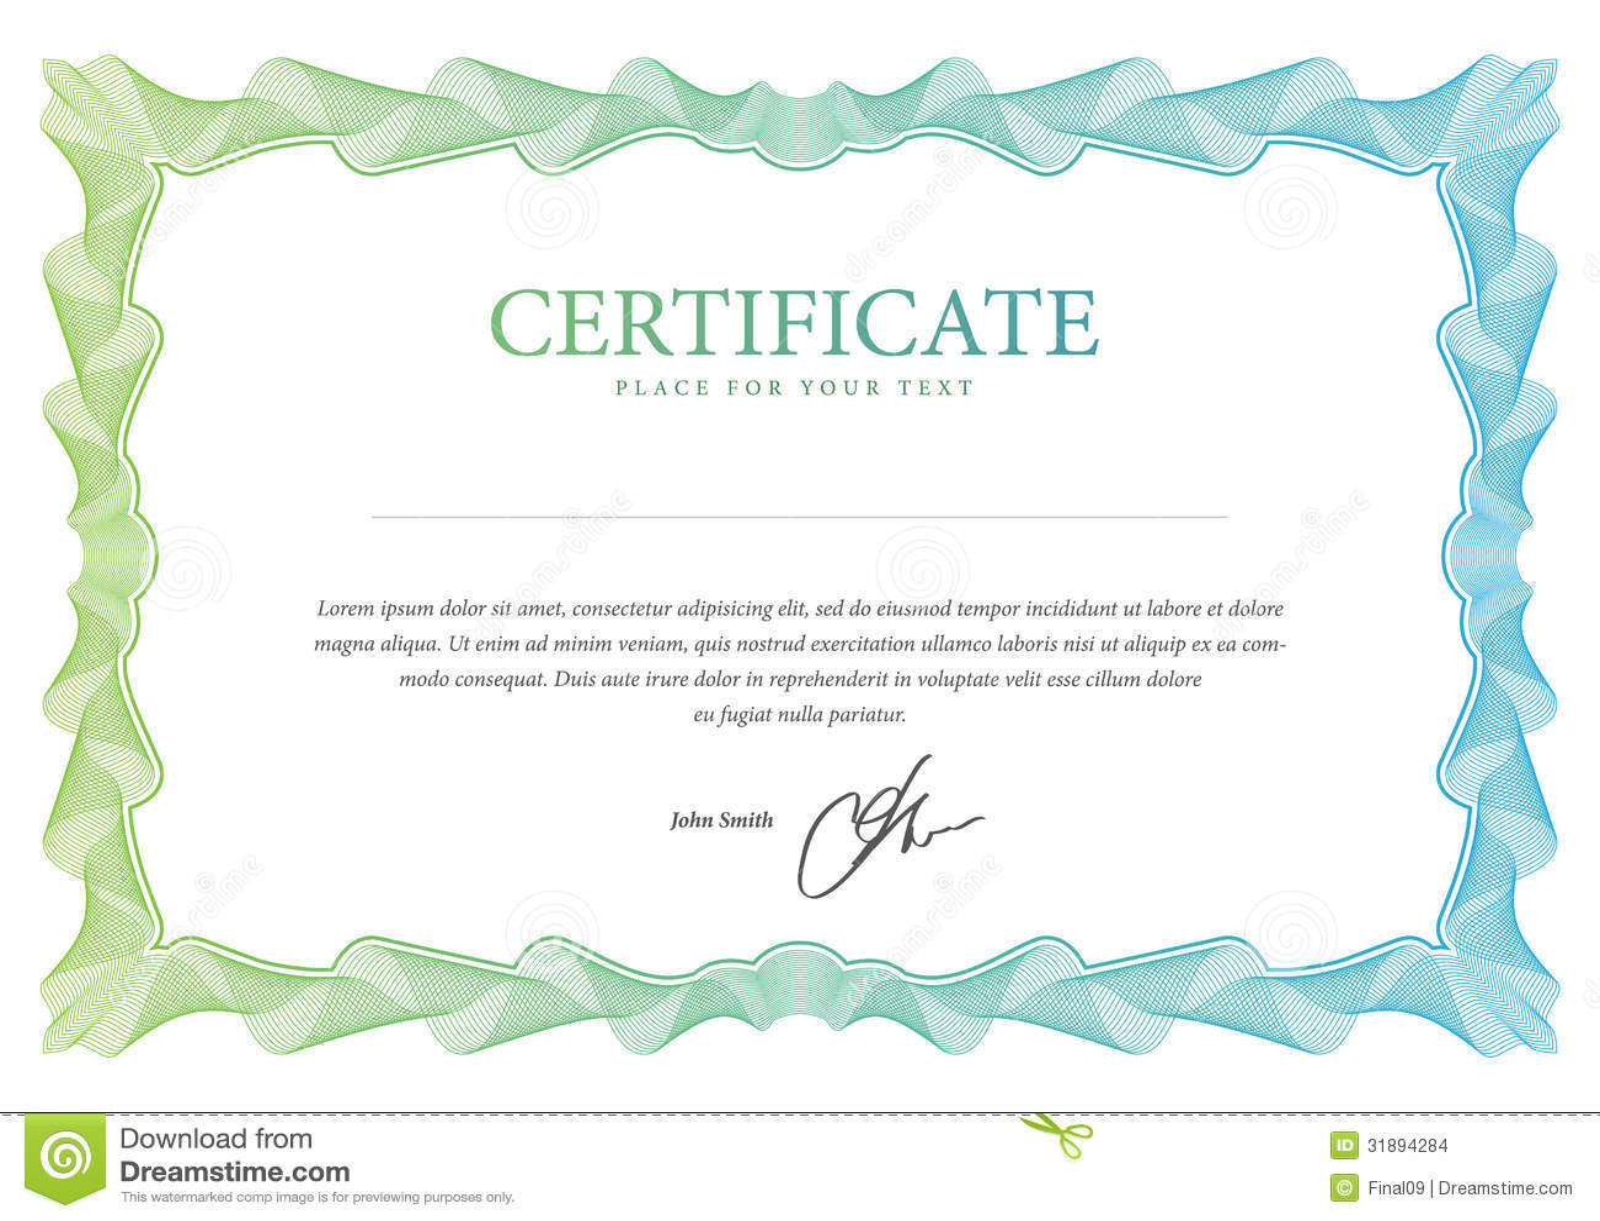 Beste Free Download Zertifikat Borders Zeitgenössisch - Bilder für ...